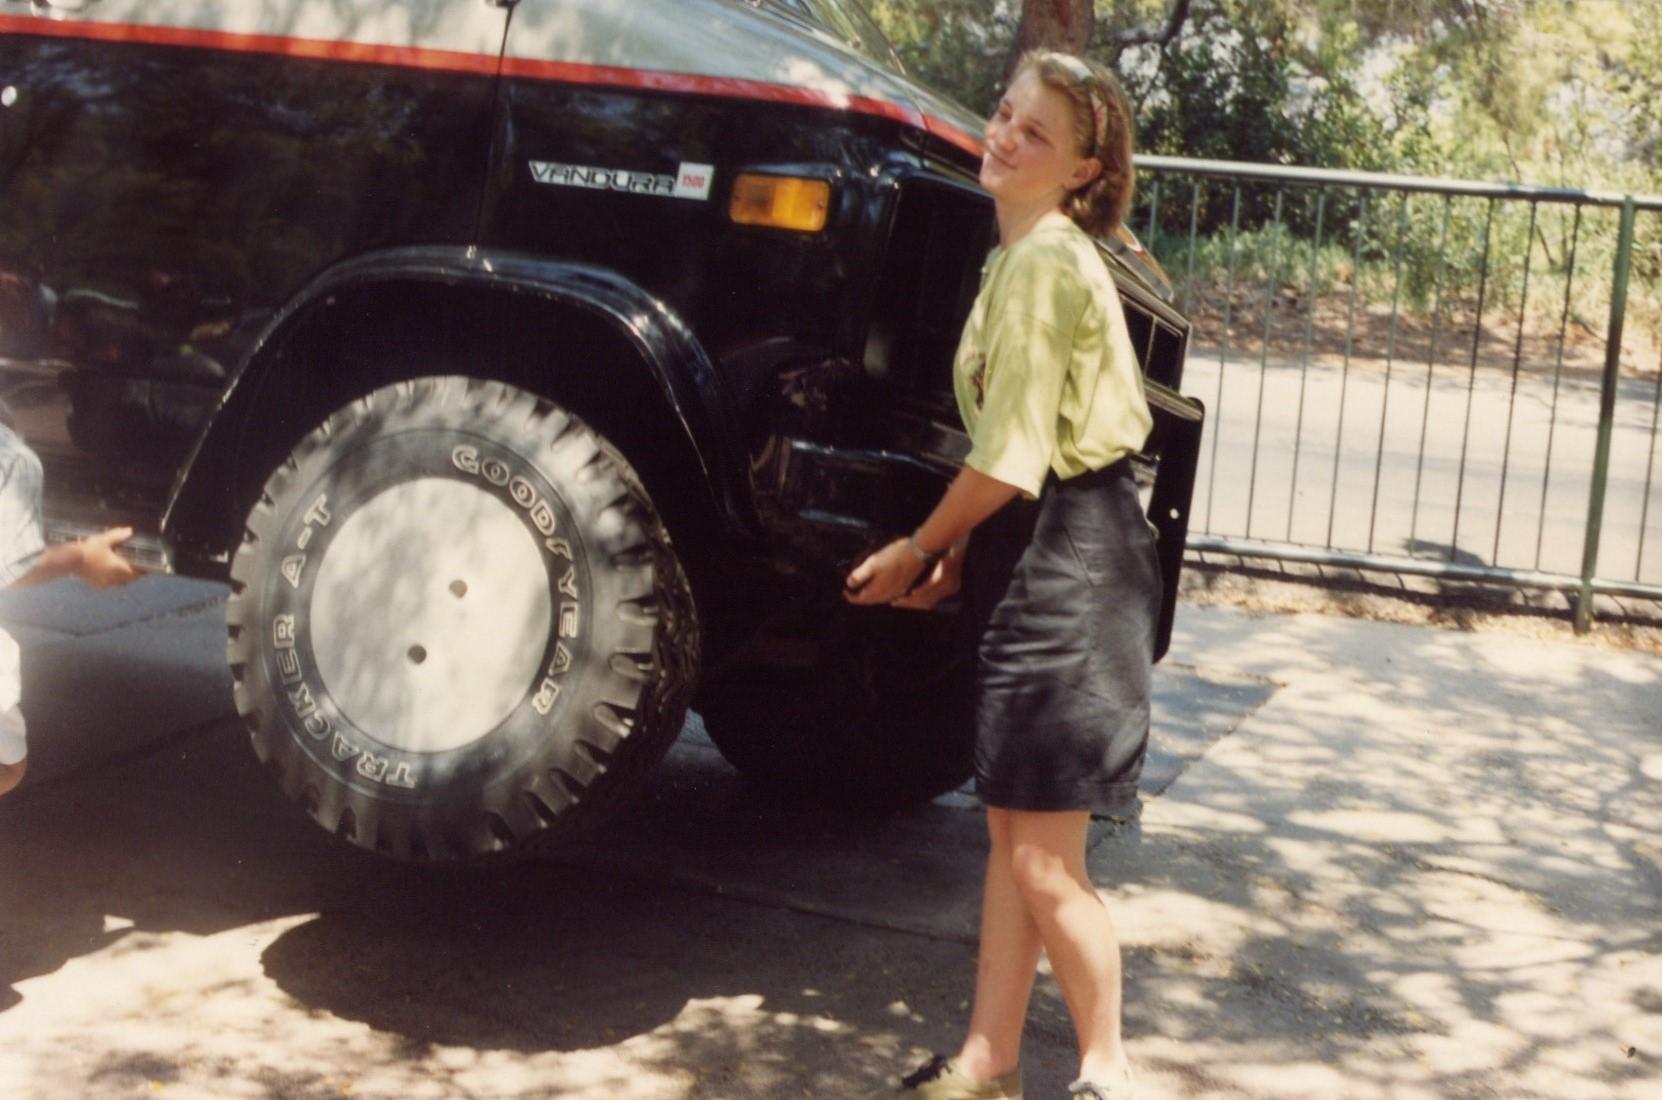 1990380.jpg